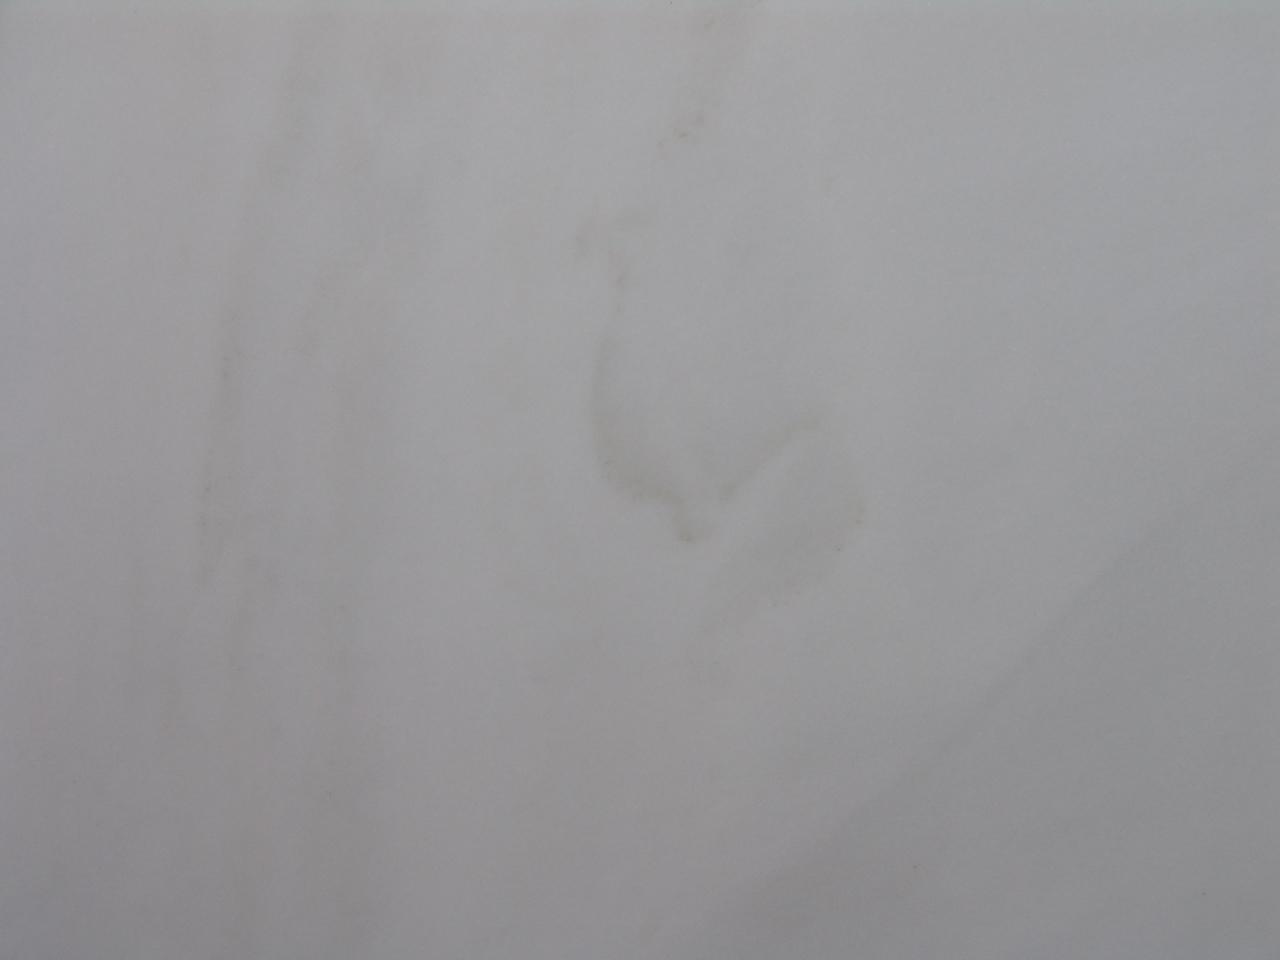 Pavimento Bianco Lucido Prezzo : Zem enrico marmi prezzi marmi super bassi prezzo marmette di